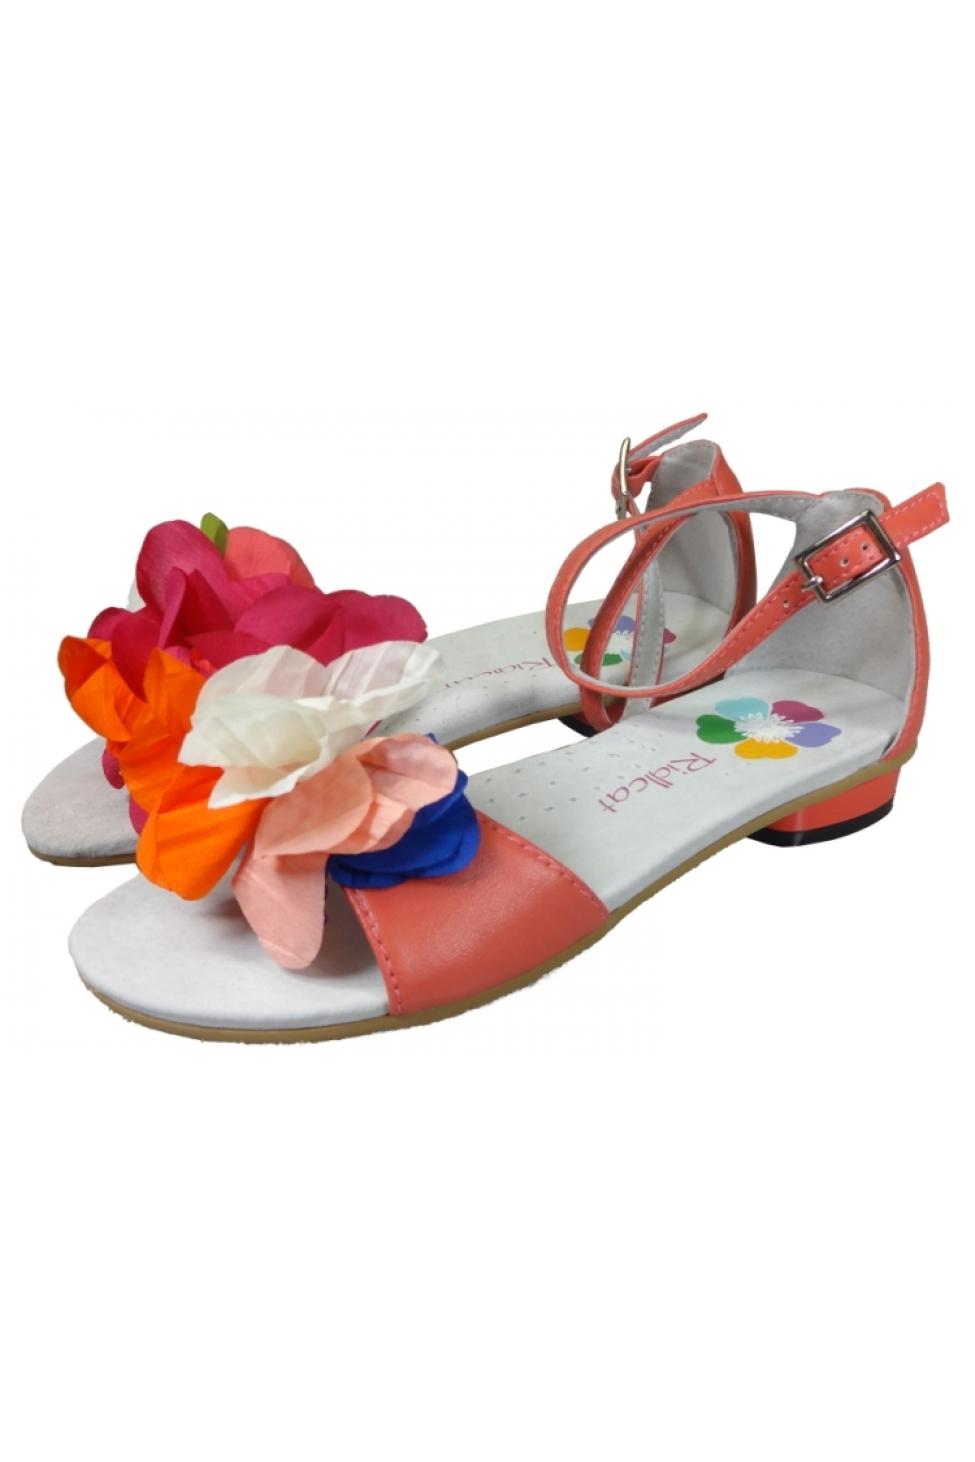 Сбор заказов. Аааааа! Все сюда!Грандиозная распродажа обуви дорогих брендов. Детская 32-36 цены от 716 руб! Есть много женской и мужской обуви! Сапоги, ботильоны, ботинки, туфли, балетки, мокасины, босоножки ! Без рядов!